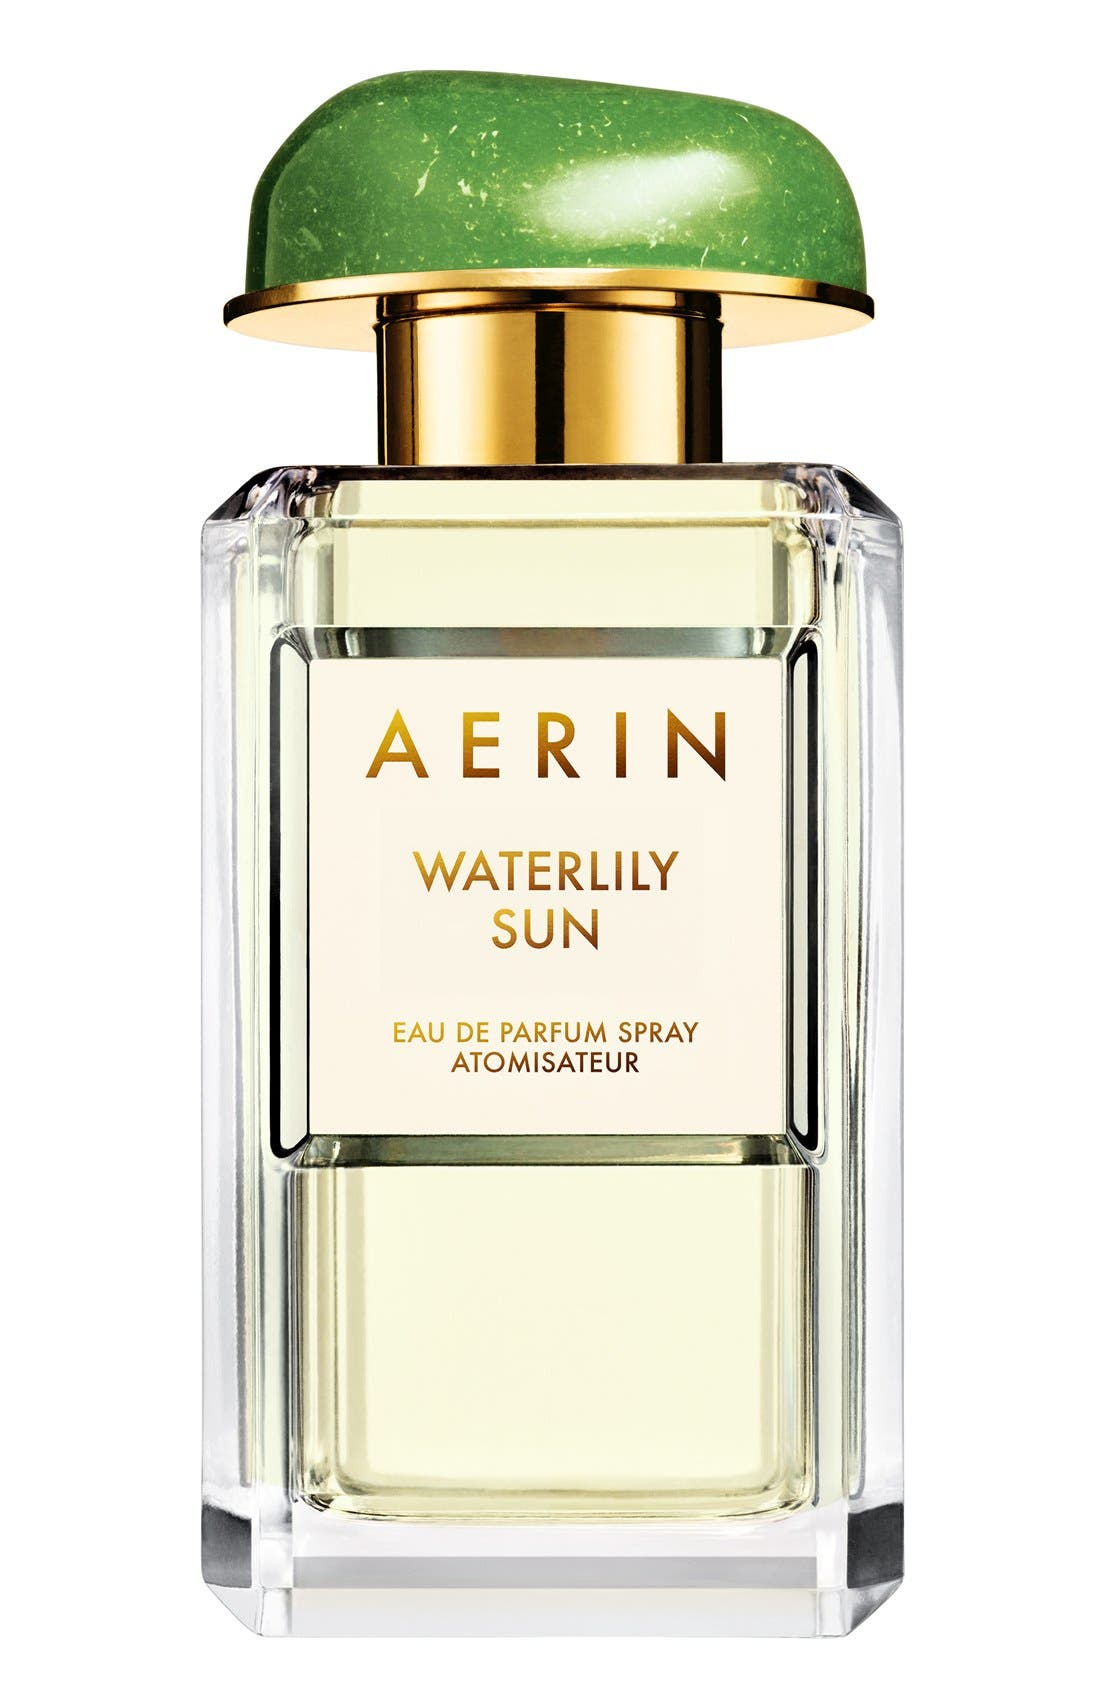 AERIN Beauty Waterlily Sun Eau de Parfum